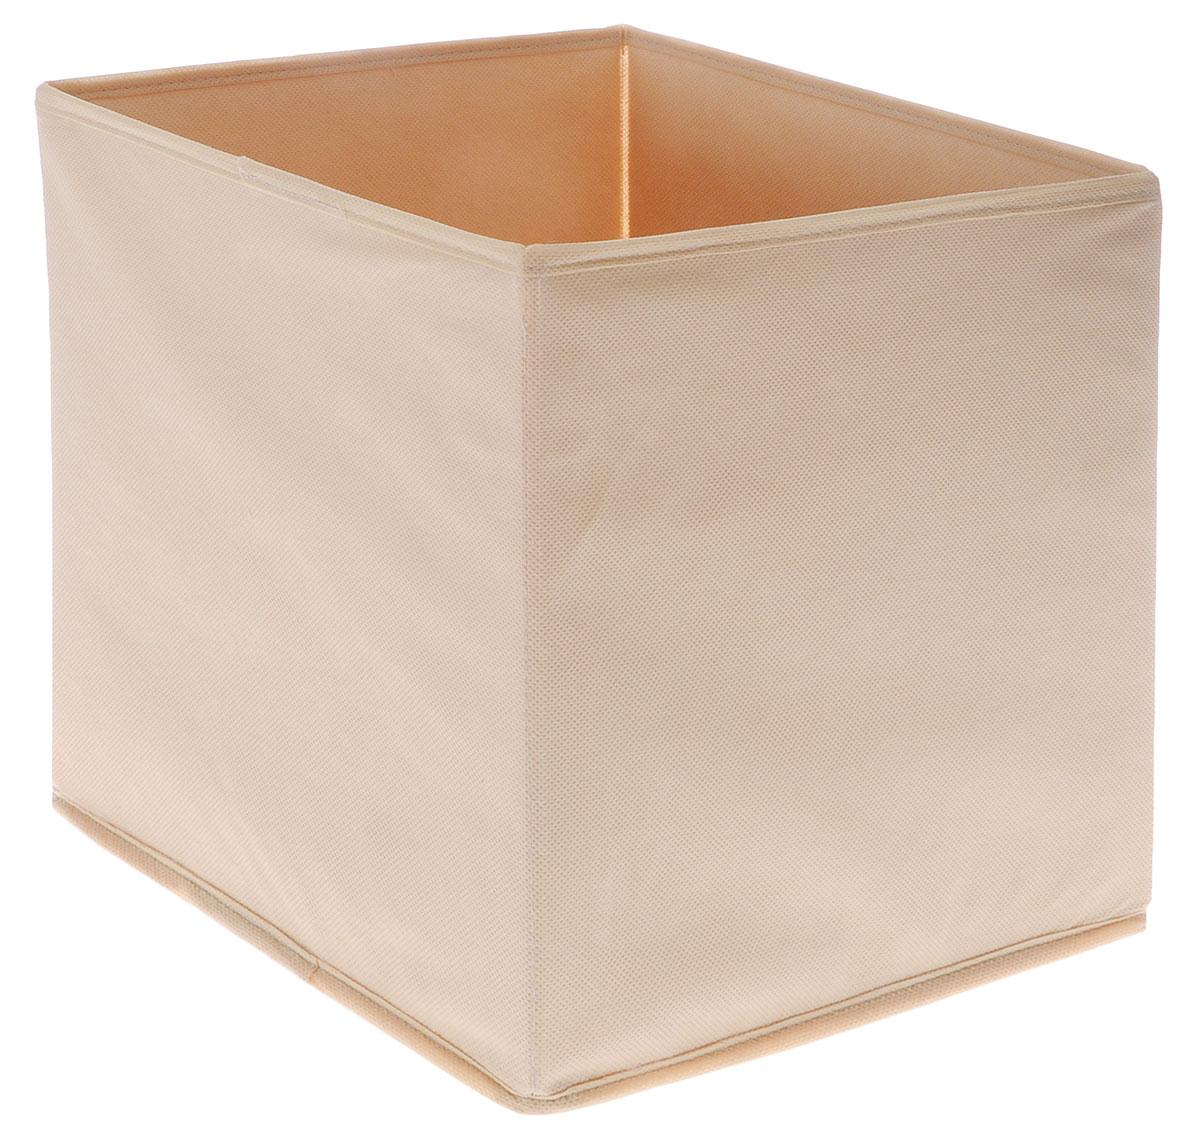 Коробка для вещей и игрушек Все на местах Minimalistic, цвет: бежевый, 30 x 30 x 30 см1011037Коробка Minimalistic выполнена из высококачественного нетканого материала,который обеспечивает естественную вентиляцию и предназначен для хранениявещей или игрушек. Он защитит вещи от повреждений, пыли, влаги и загрязнений во время хранения итранспортировки. Размер коробки: 30 х 30 х 30 см.